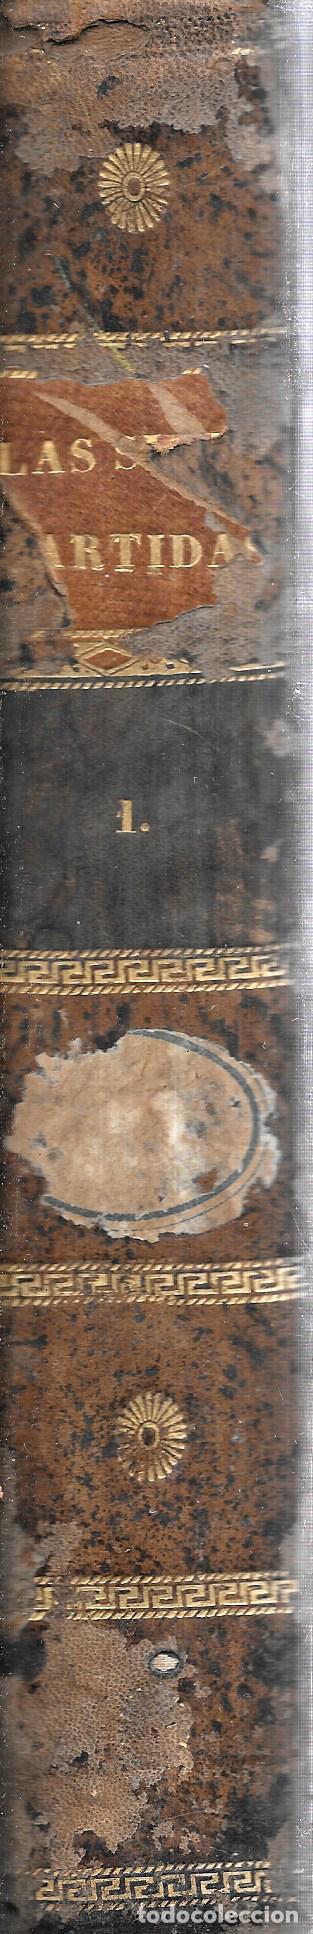 Libros antiguos: LAS SIETE PALABRAS DEL REY DON ALFONSO EL SABIO. POR LA REAL ACADEMIA DE LA HISTORIA. 1807. LEER. - Foto 5 - 115546087